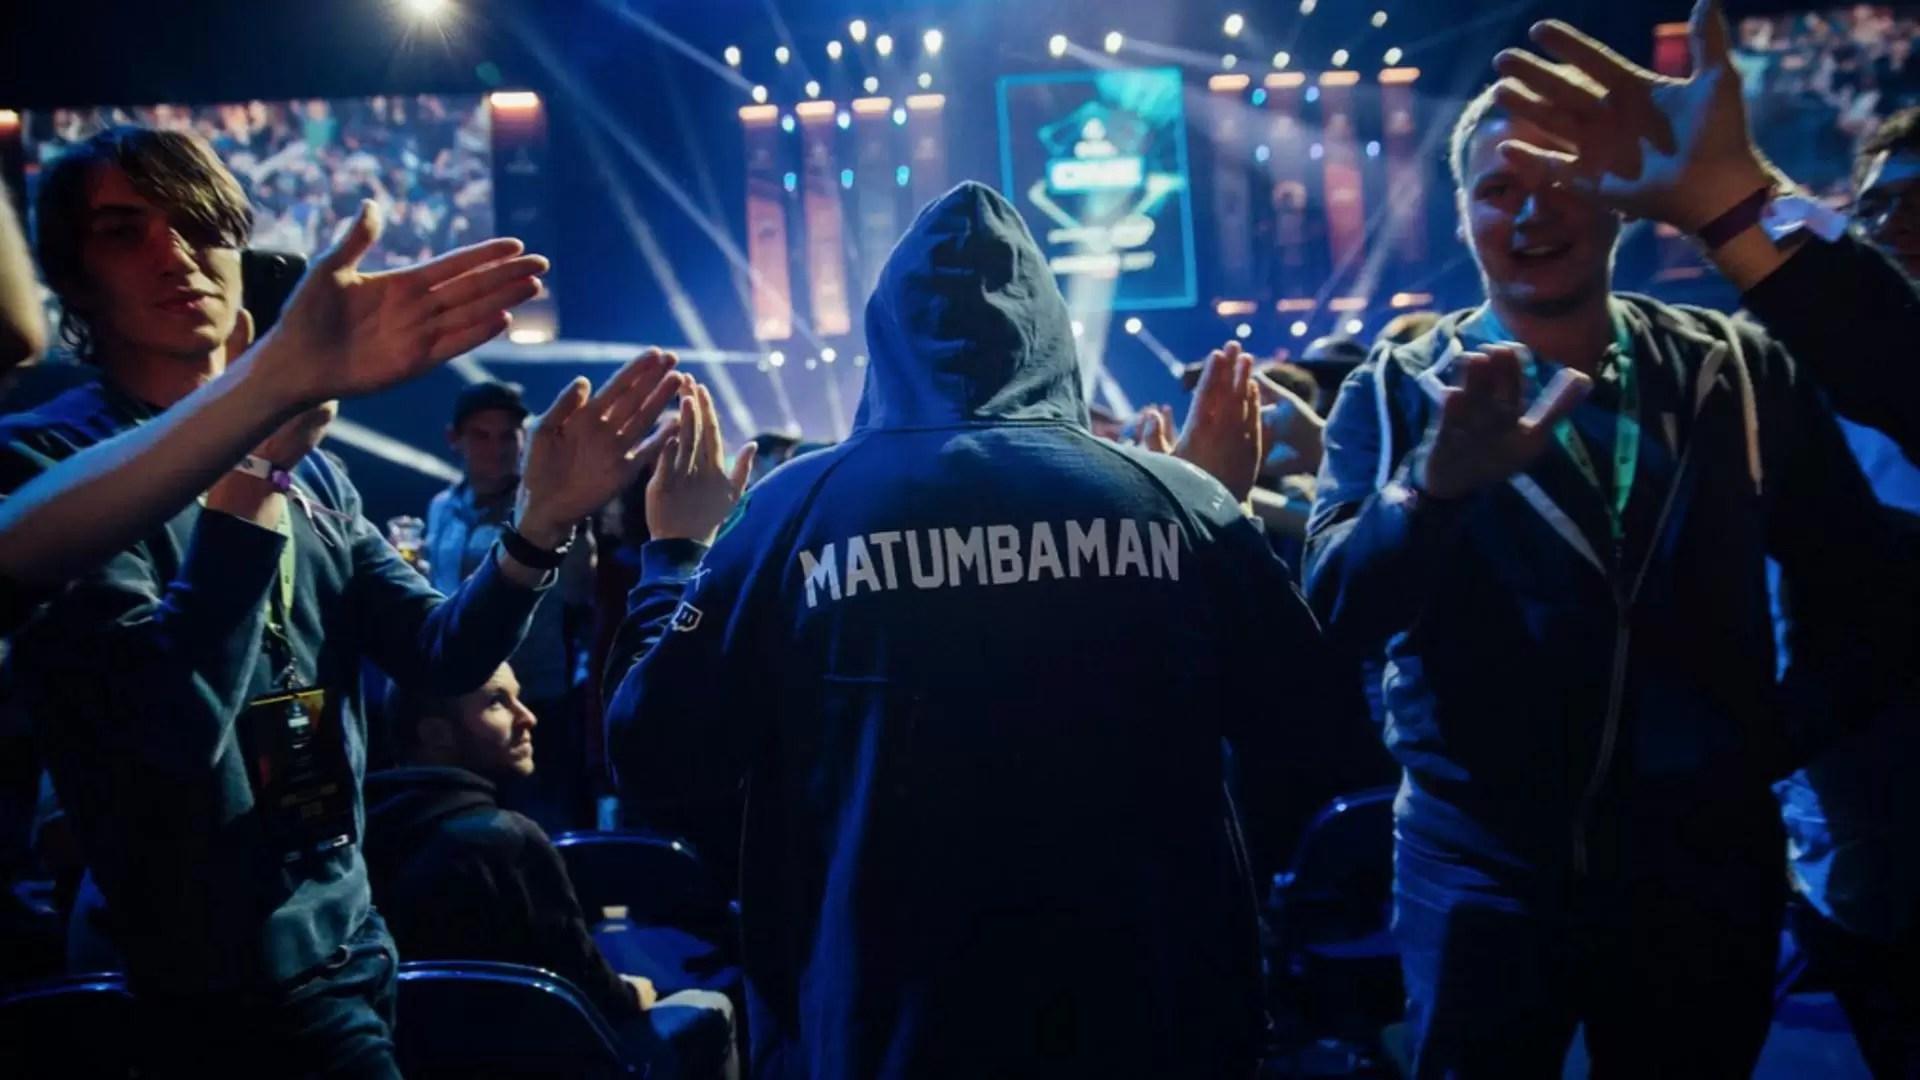 Da li je Matumbaman pravi izbor za Team Secret?